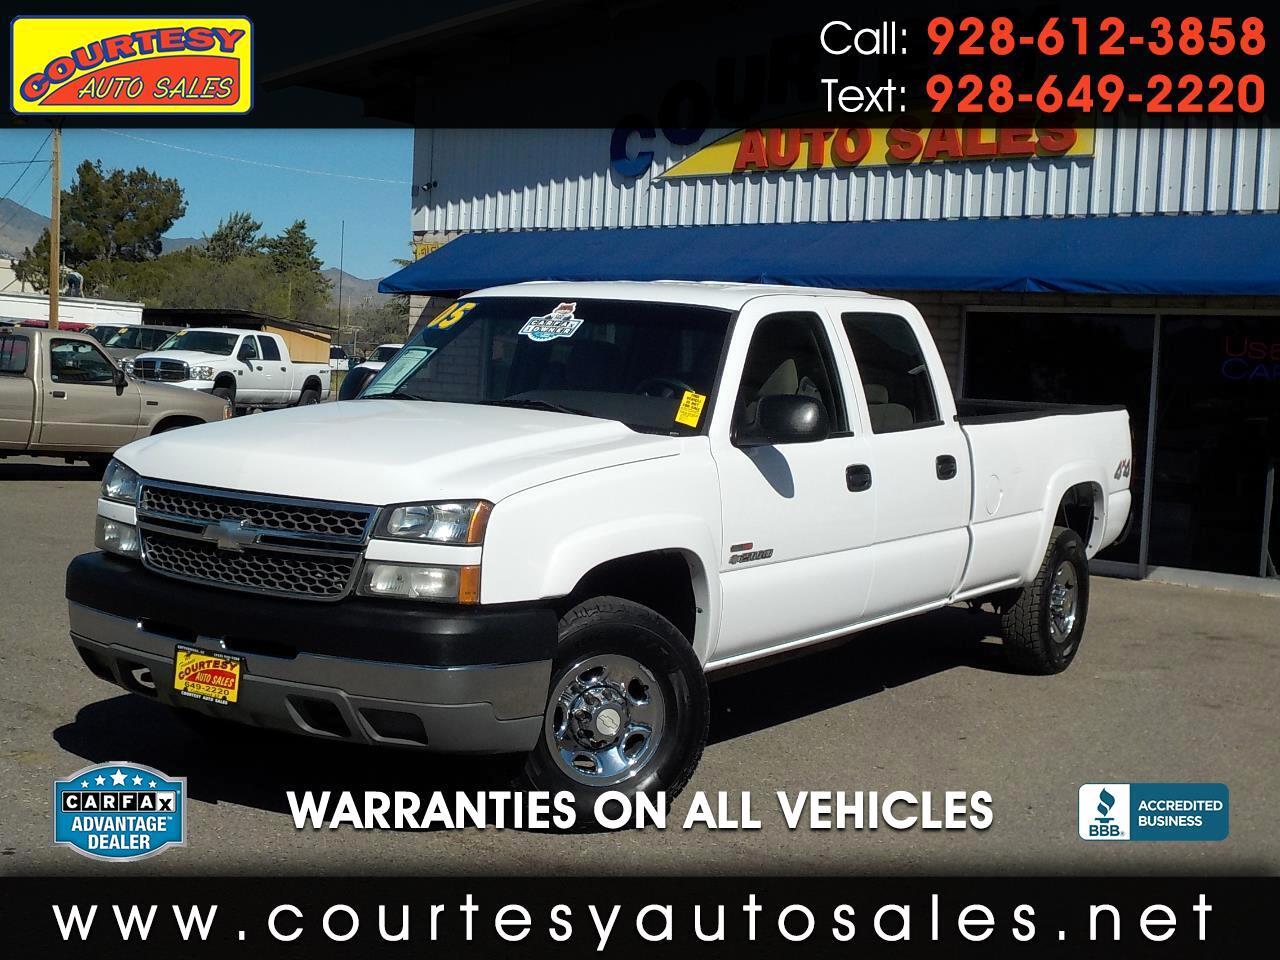 2005 Chevrolet Silverado 2500HD Crew Cab 167